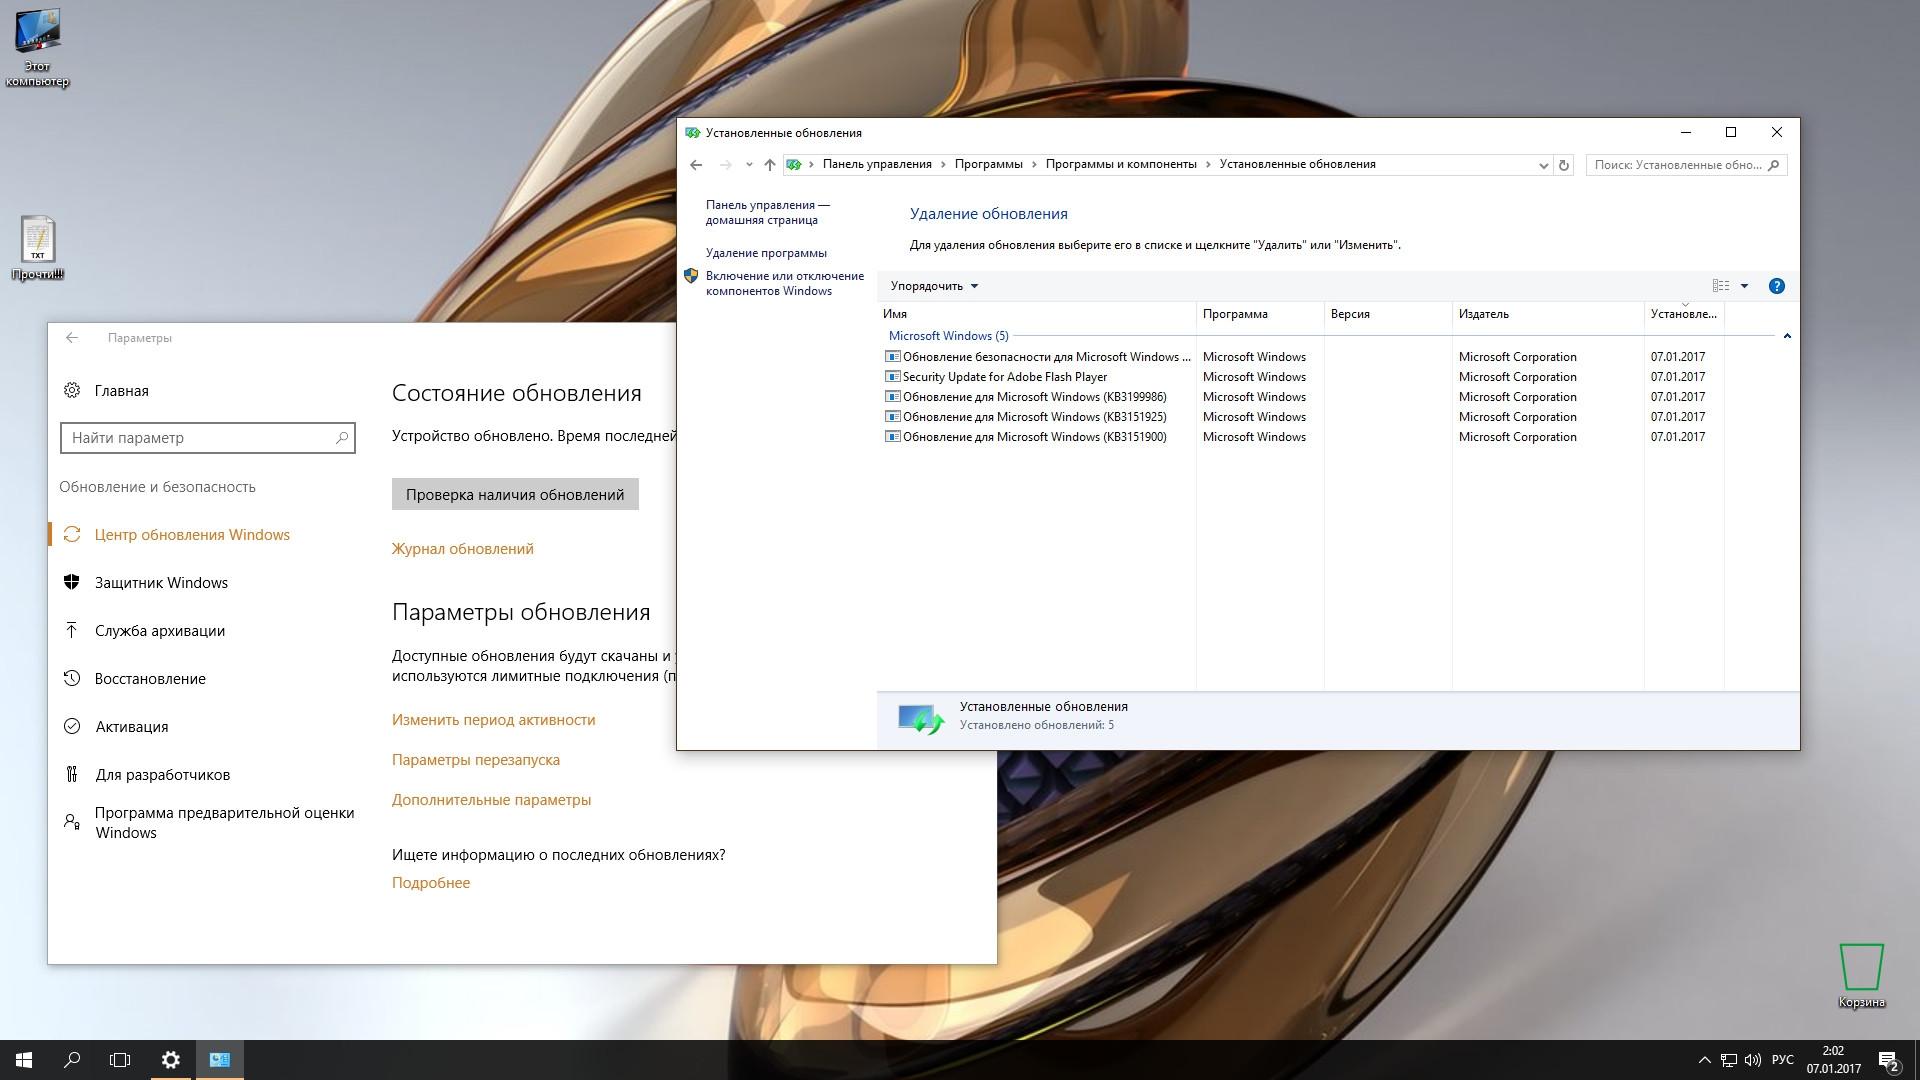 Скачать Windows 8.1 Enterprise X64